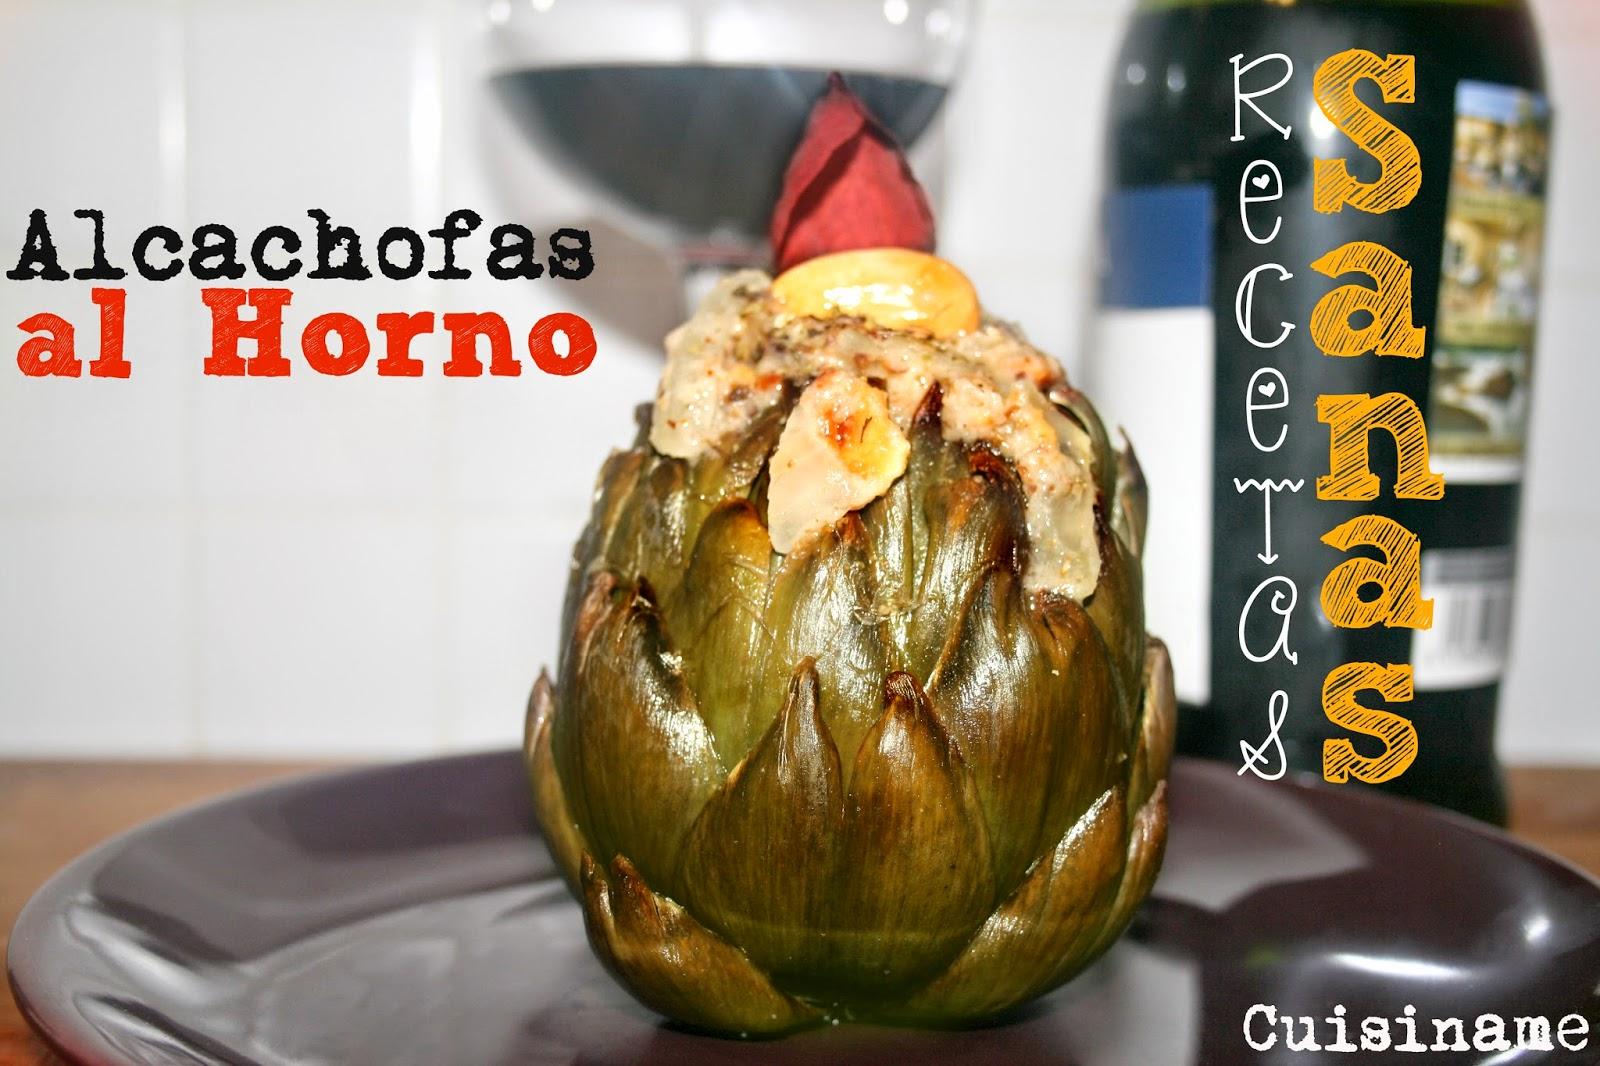 alcachofas, recetas sanas, recetas originales, verduras, almendras, avellanas, alcachofas al horno, recetas de cocina, recetas fáciles, humor